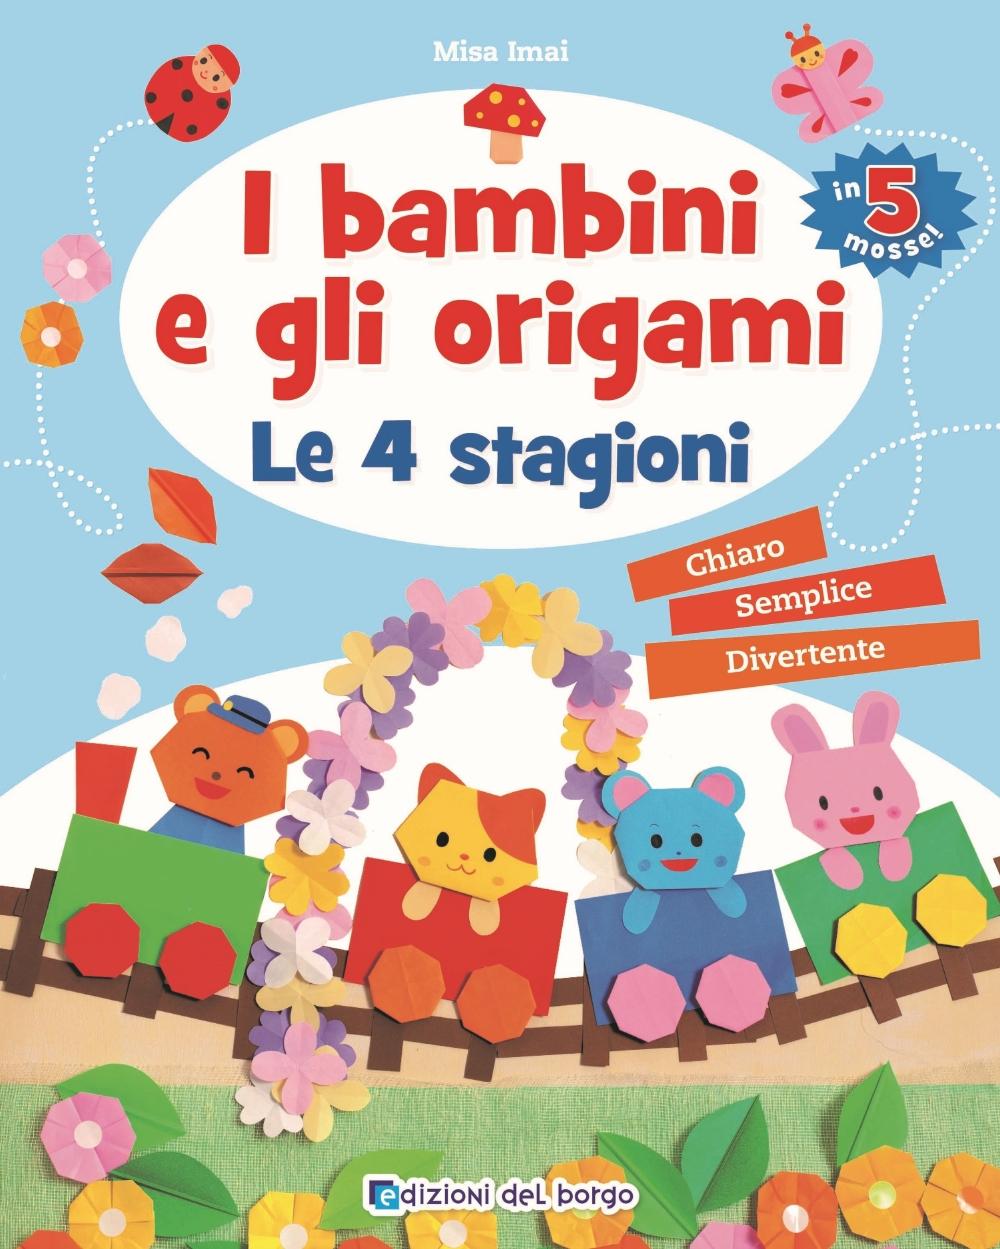 I bambini e gli origami - Le 4 stagioni